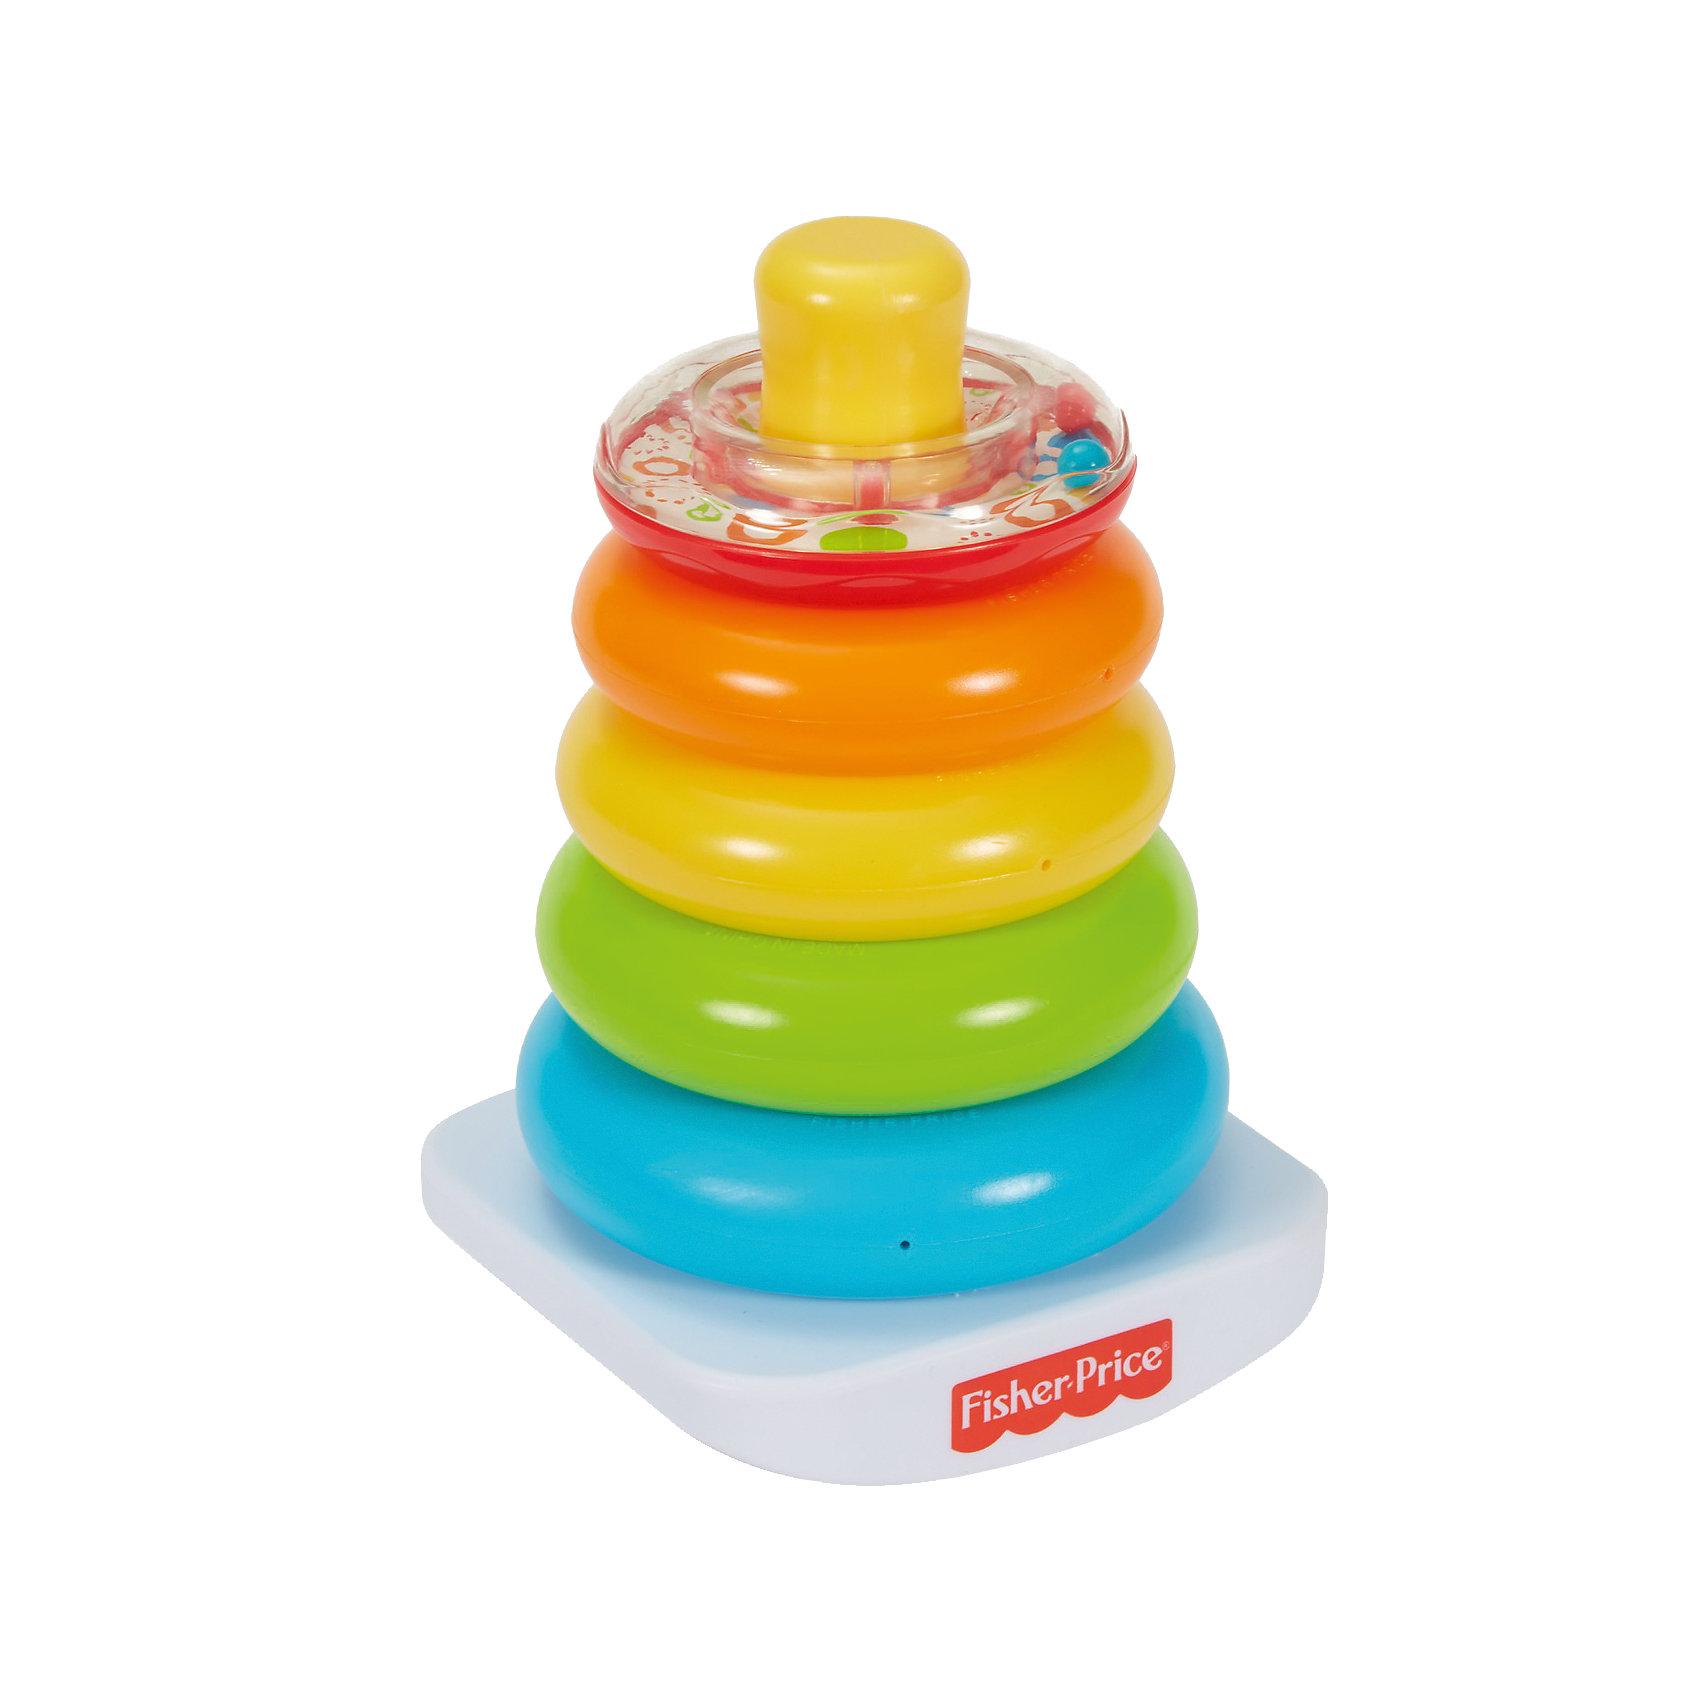 Пирамидка, Fisher PriceПирамидки<br>Пирамидка, Fisher Price (Фишер Прайс)<br><br>Характеристики:<br><br>• широкое основание<br>• верхнее колечко наполнено разноцветными шариками<br>• материал: пластик<br>• размер упаковки: 18х12х21 см<br>• вес: 439 грамм<br><br>Игра с пирамидкой помогает малышу развивать мелкую моторику и координацию движений. Пирамидка от Фишер Прайс состоит из пяти разноцветных конец и широкого основания. Верхнее кольцо прозрачное и заполнено разноцветными шариками. Малыш с радостью будет наблюдать за шариками и нанизывать яркие кольца на основу. Также вы можете помочь крохе выучить цвета с помощью пирамидки. Широкий стержень очень удобен в игре. Даже малыши смогут справиться с первой непростой задачей. Разноцветная пирамидка - надежный помощник в развитии крохи!<br><br>Пирамидку, Fisher Price (Фишер Прайс) вы можете купить в нашем интернет-магазине.<br><br>Ширина мм: 211<br>Глубина мм: 174<br>Высота мм: 130<br>Вес г: 314<br>Возраст от месяцев: 6<br>Возраст до месяцев: 36<br>Пол: Унисекс<br>Возраст: Детский<br>SKU: 5239615